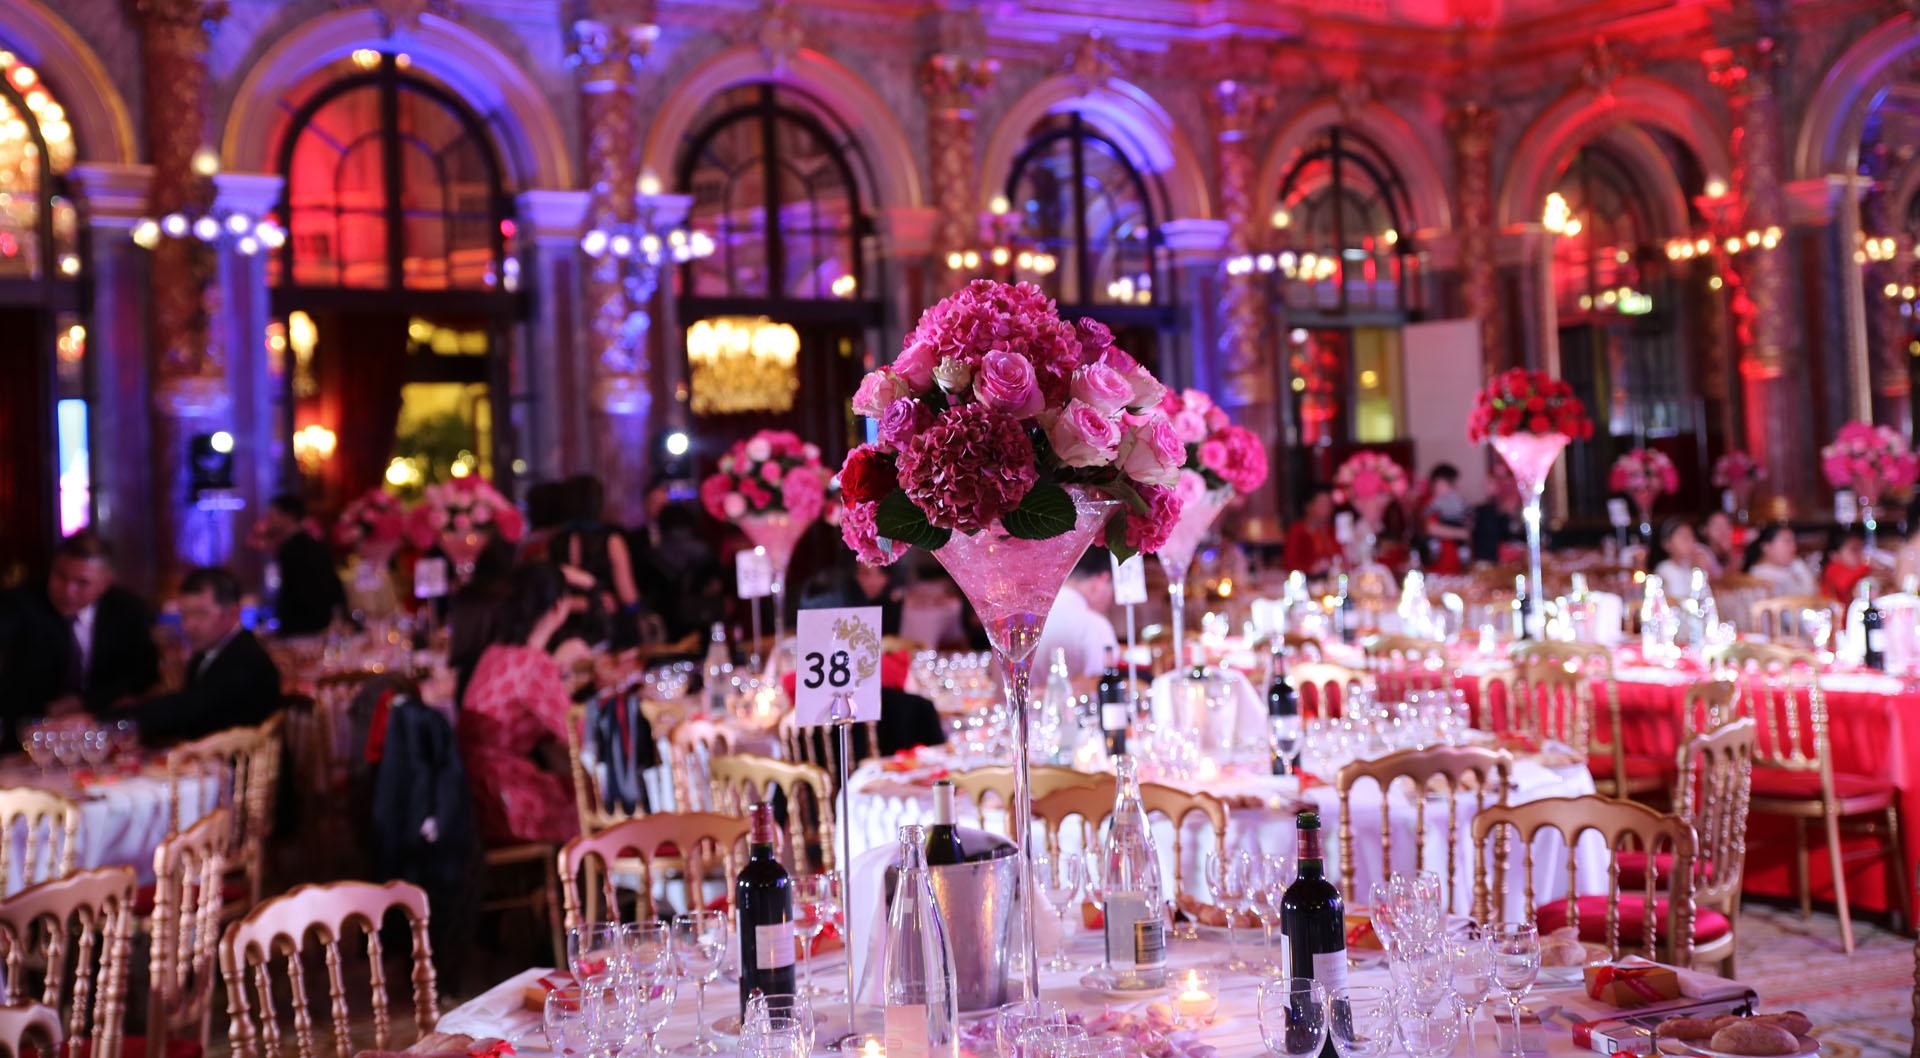 Event Management company Paris